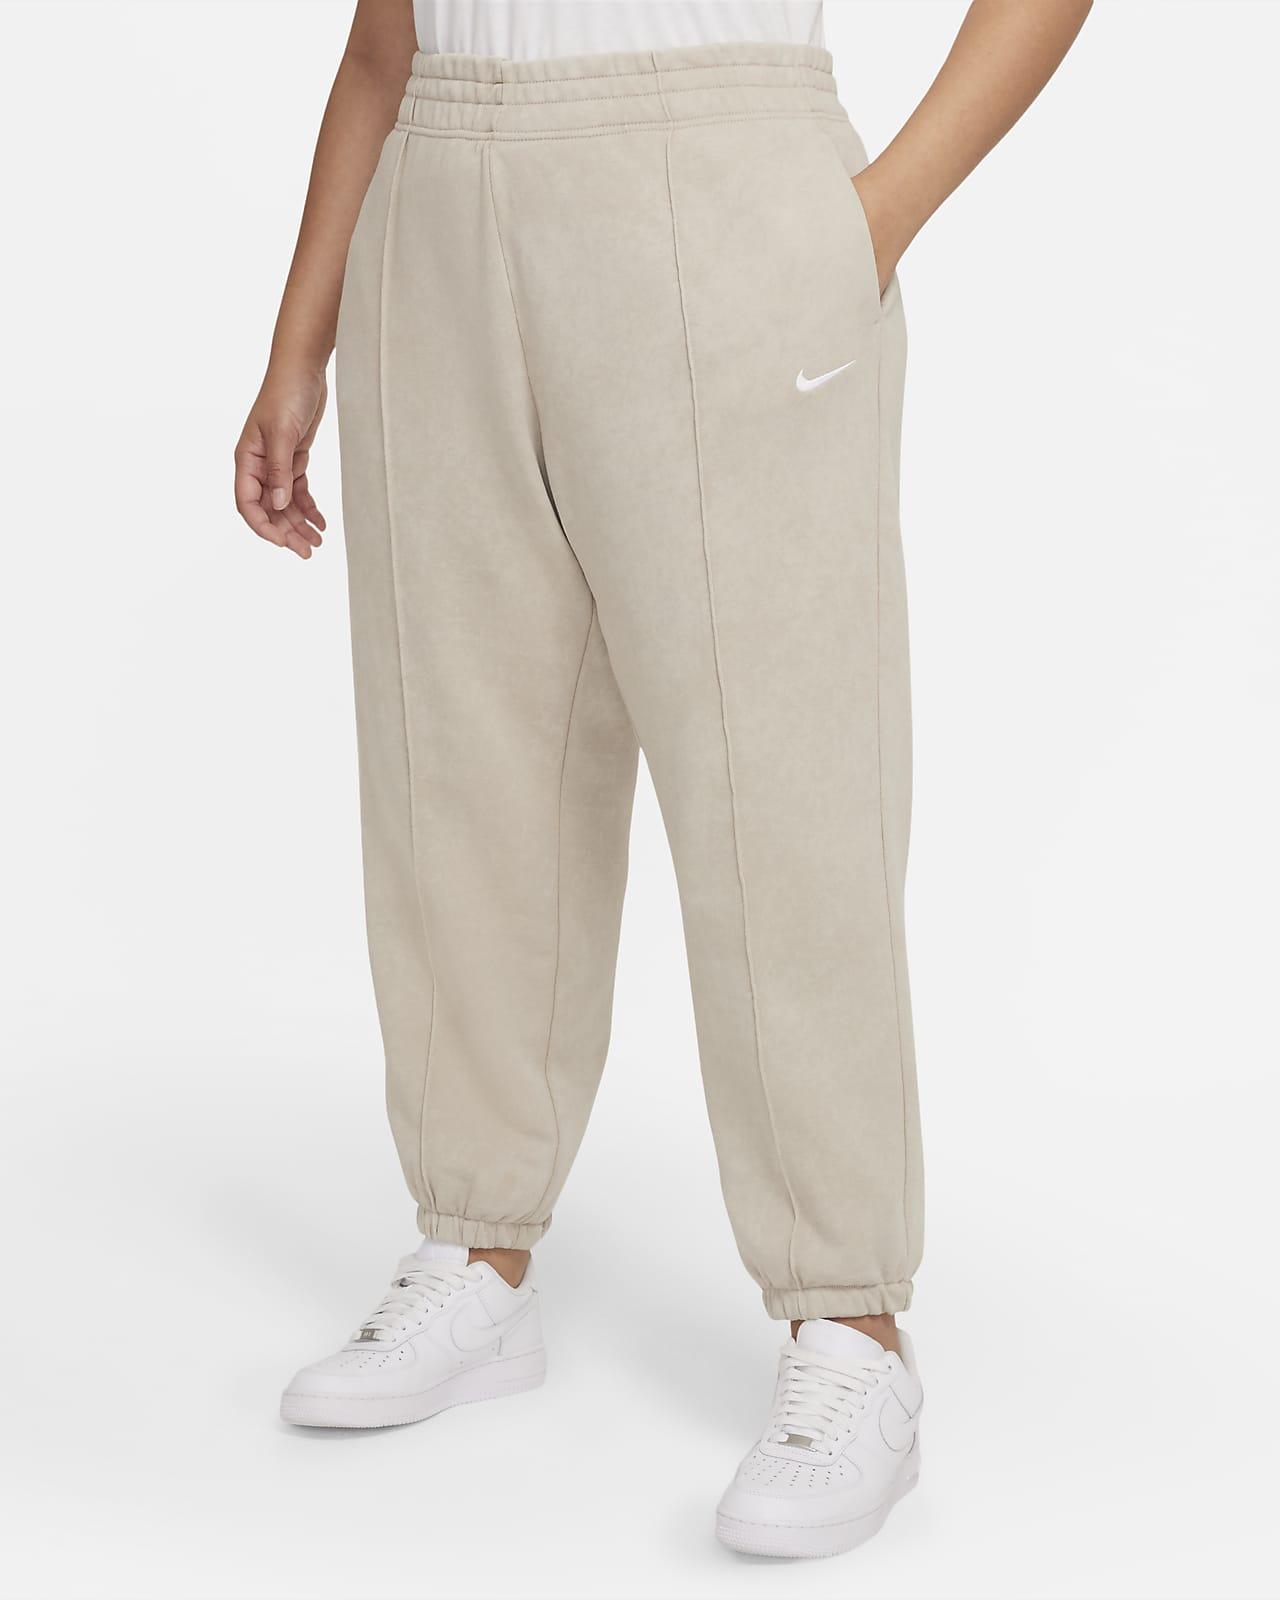 Nike Sportswear Essential Collection Kurz-Fleecehose für Damen (große Größe)